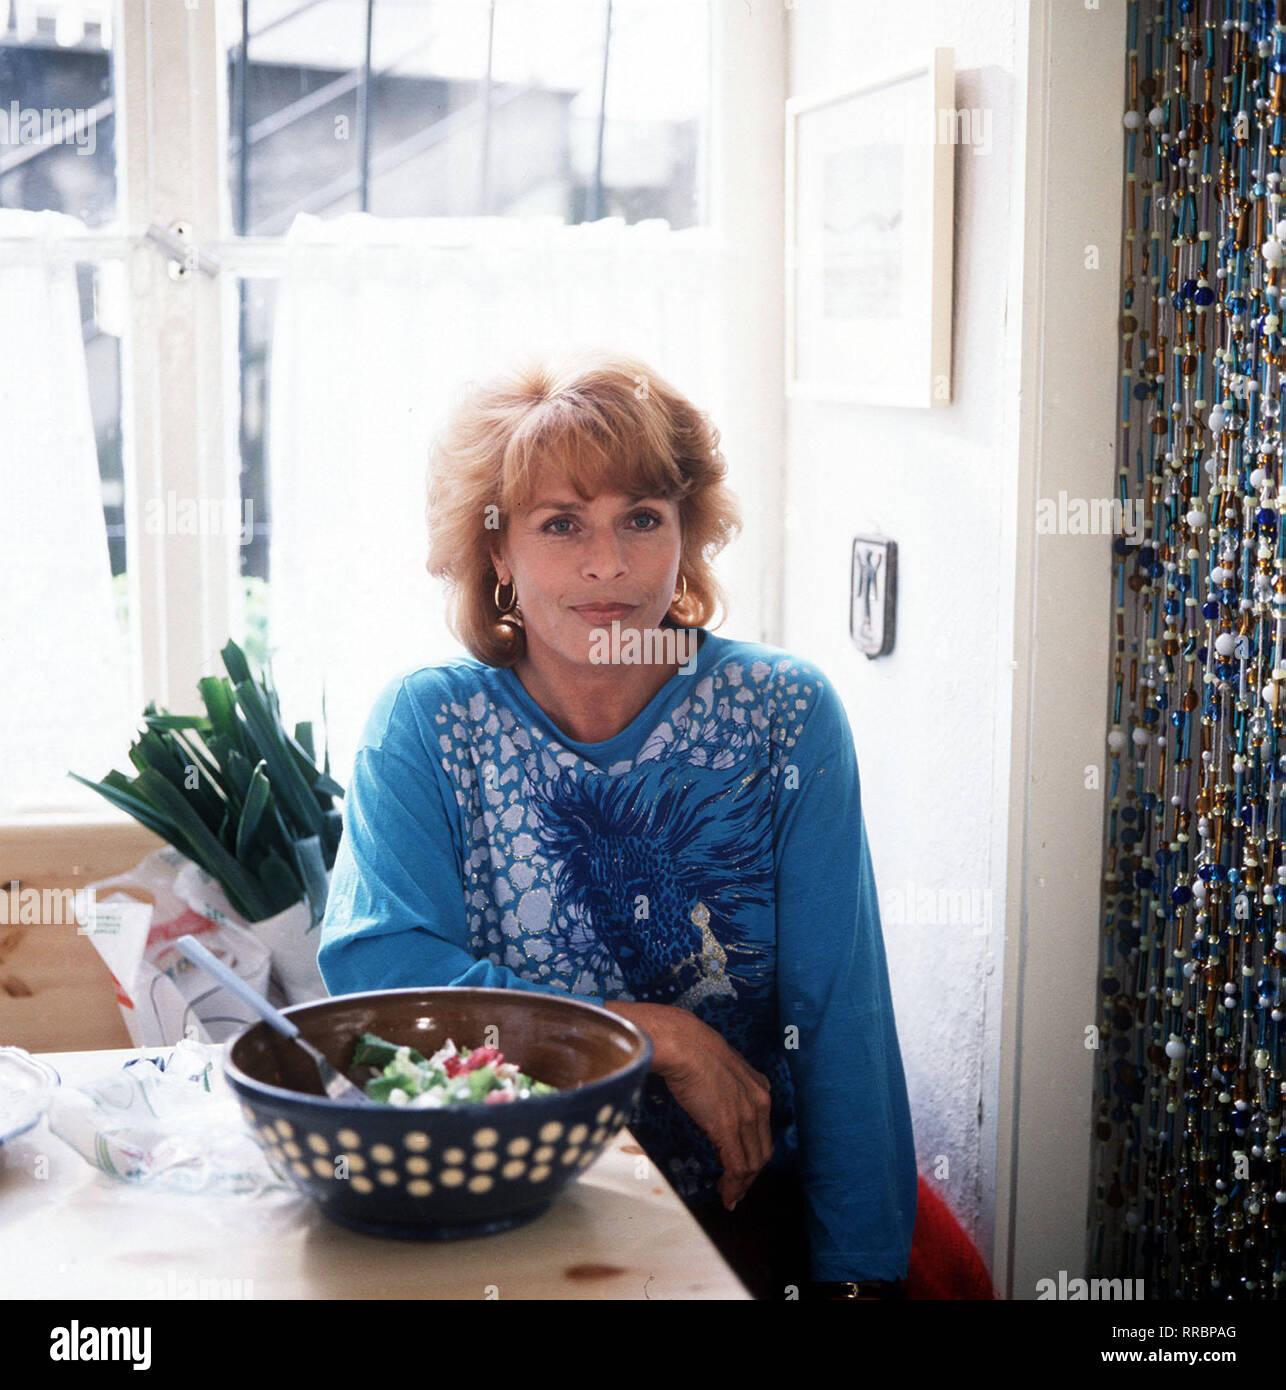 DIE SCHNELLE GERDI / TV-Serie - D 1989 - Michael Verhoeven / 1. Heldin des Tages / Eine Frau mit vielen Gesichtern, eine Frau in den besten Jahren, geschieden, Tochter erwachsen, ein Hund: Die Rede ist von Gerda Angerpointer (SENTA BERGER), Mittvierzigerin und selbständige Taxifahrerin in München, die dafür bekannt ist, daß sie Tempo macht - am Steuer ebenso wie im Privaten. Spitzname: 'Die schnelle Gerdi'. / 34750 / , 23DFABRSCH2 / Überschrift: DIE SCHNELLE GERDI / BRD 1989 - Stock Image